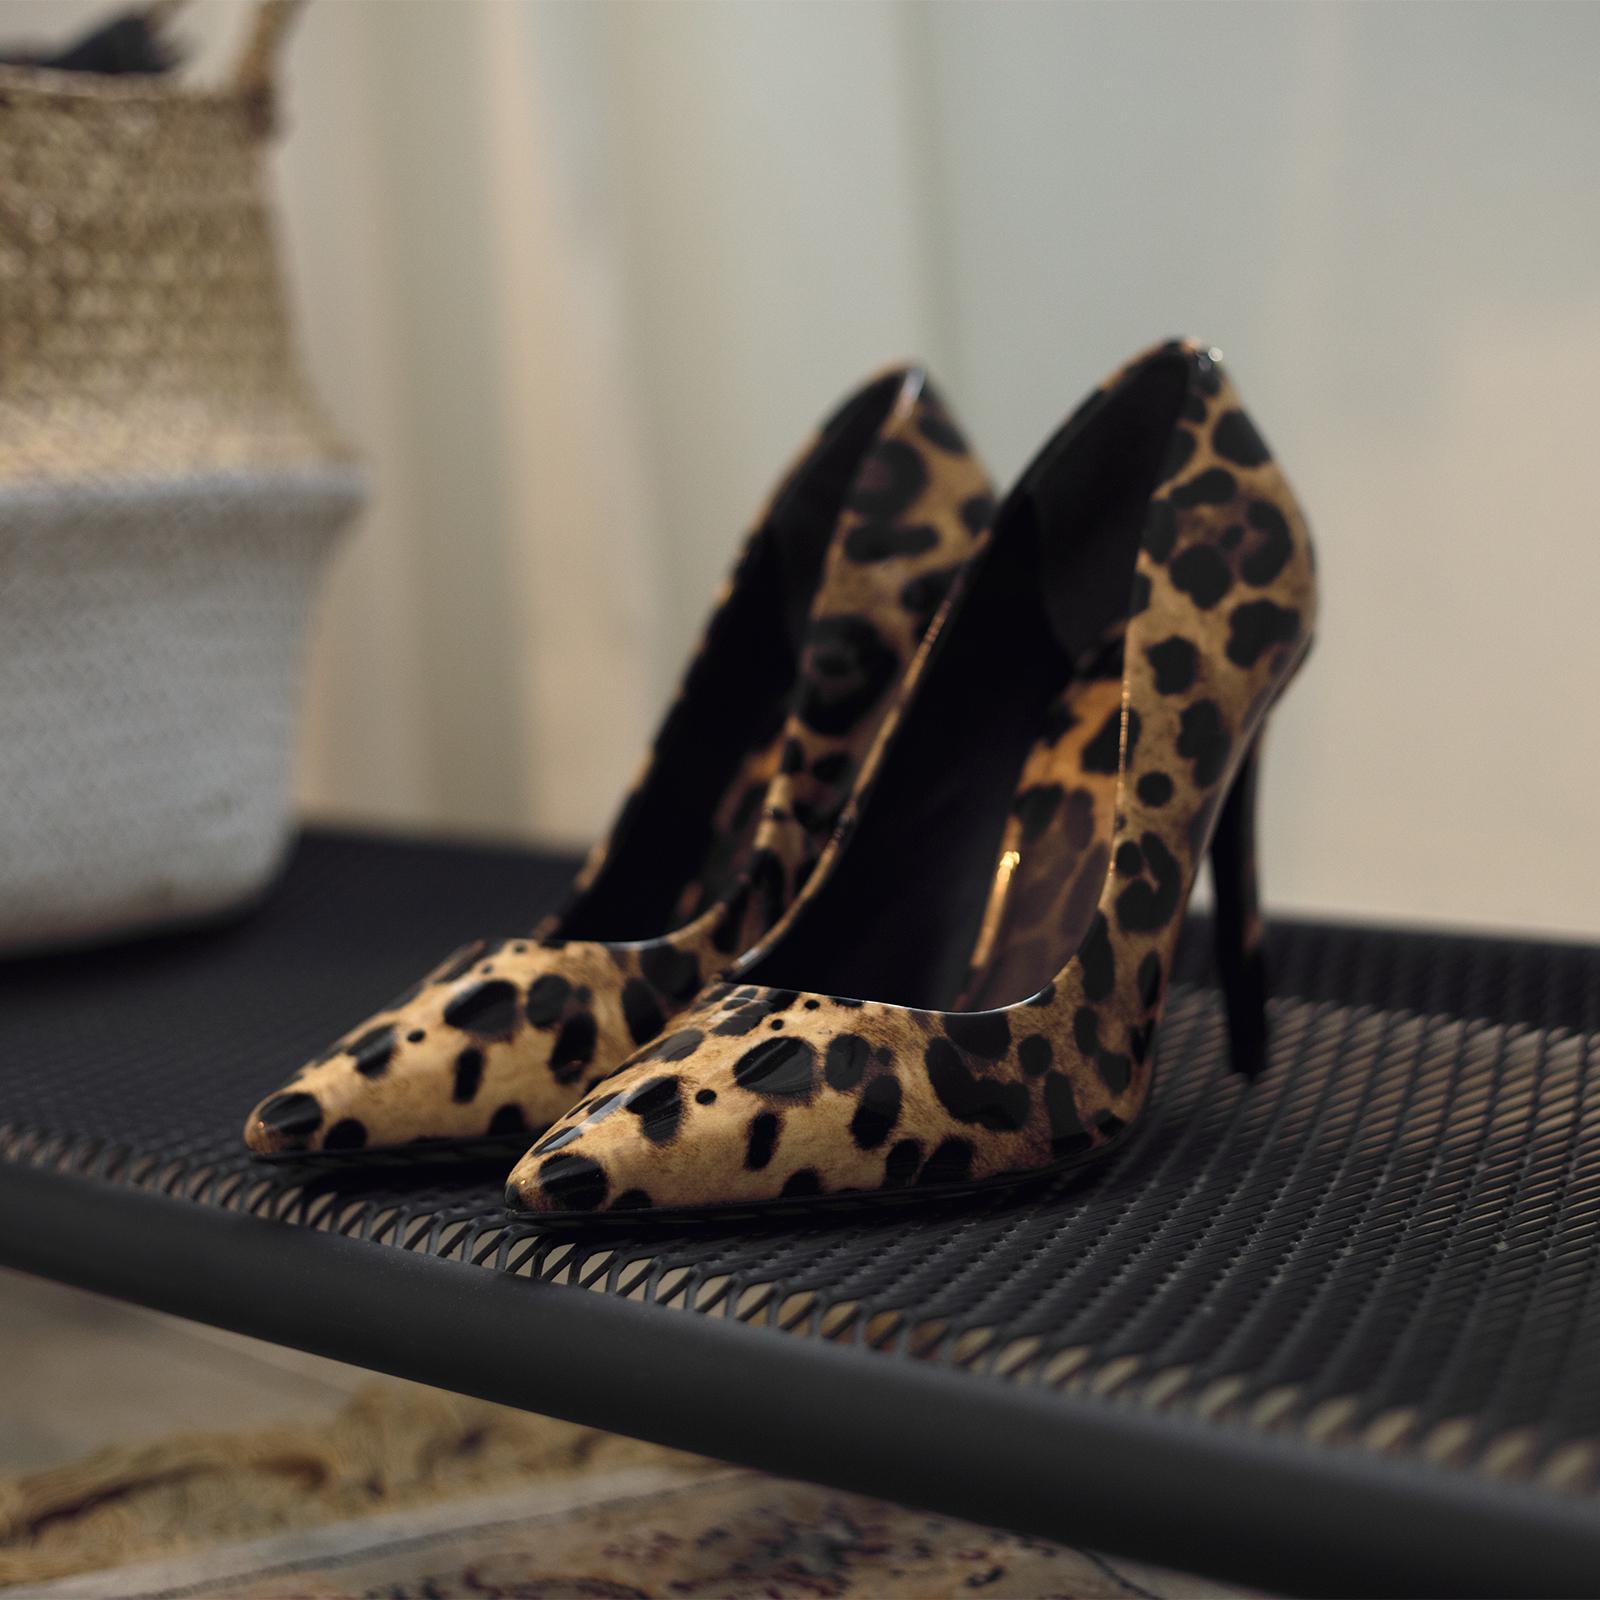 Stylizacje na święta Bożego Narodzenia. Jak dopasować buty do eleganckiej stylizacji w rodzinnej atmosferze?